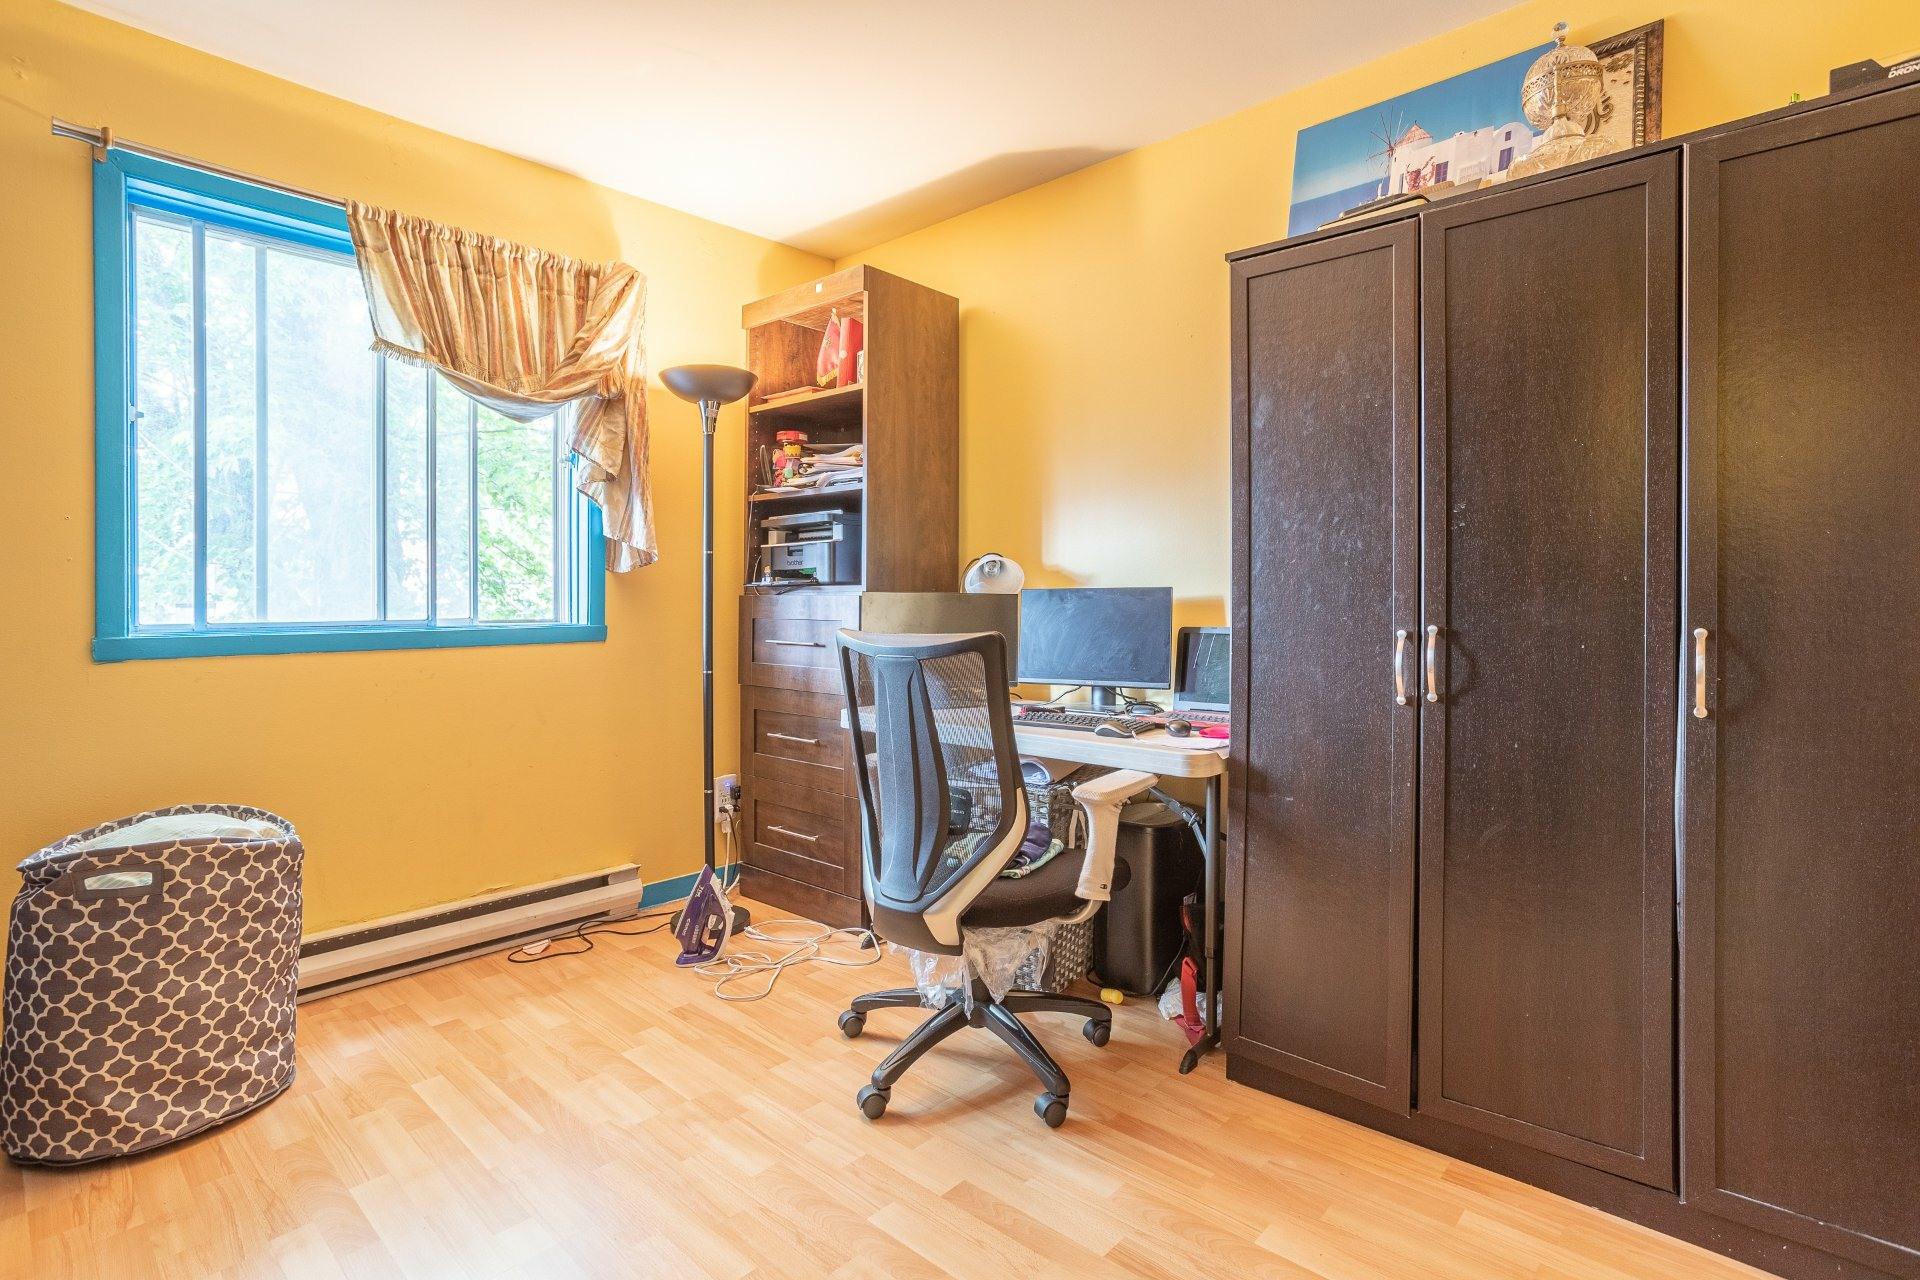 image 15 - Quadruplex For sale Mercier/Hochelaga-Maisonneuve Montréal  - 4 rooms